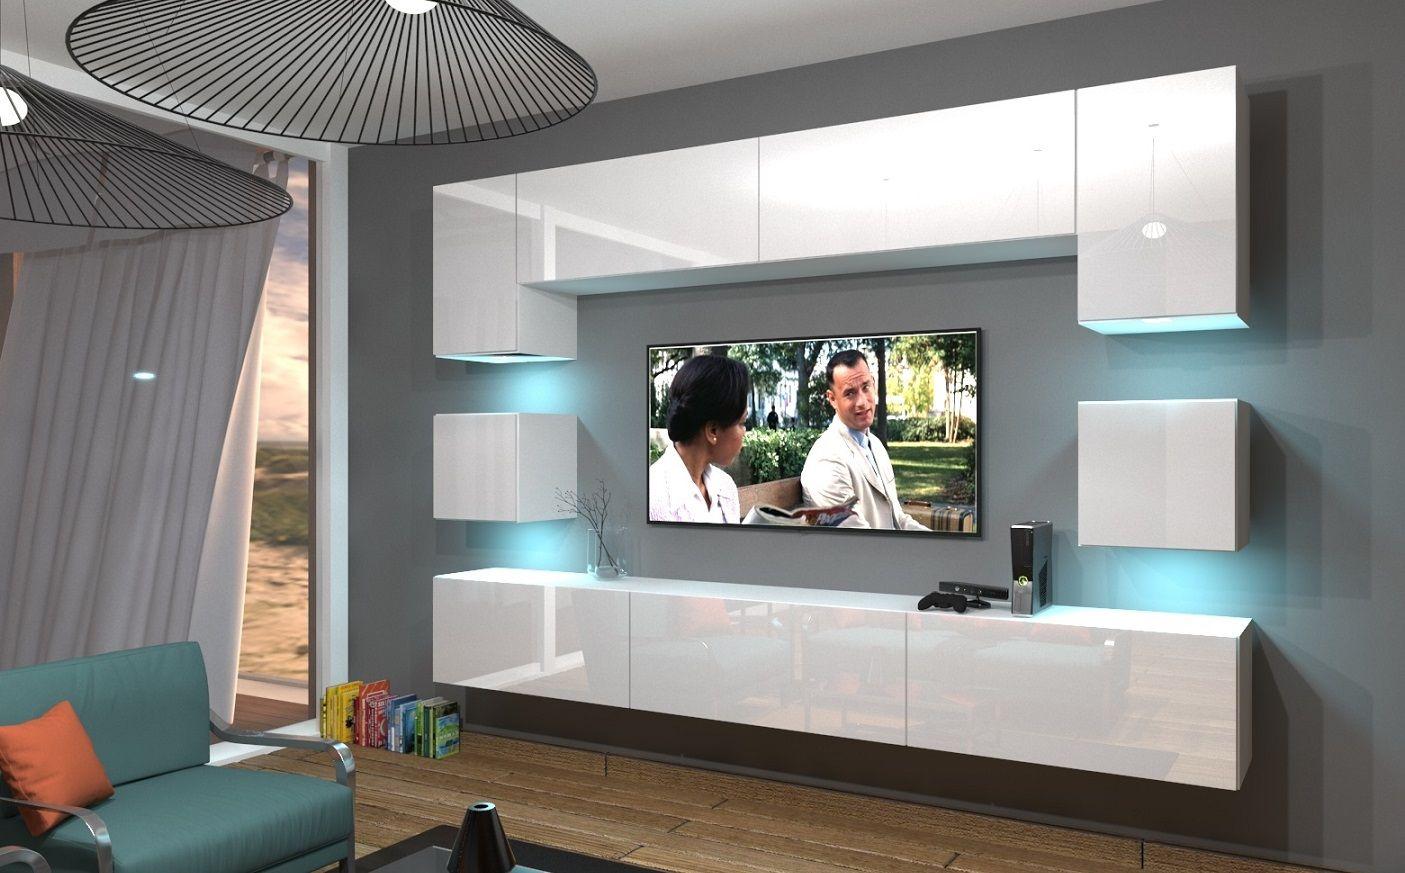 Wohnwand An1 242 Hochglanz Push To Open Funktion Wohnzimmer Modern Schrankwand Weiss Wohnen